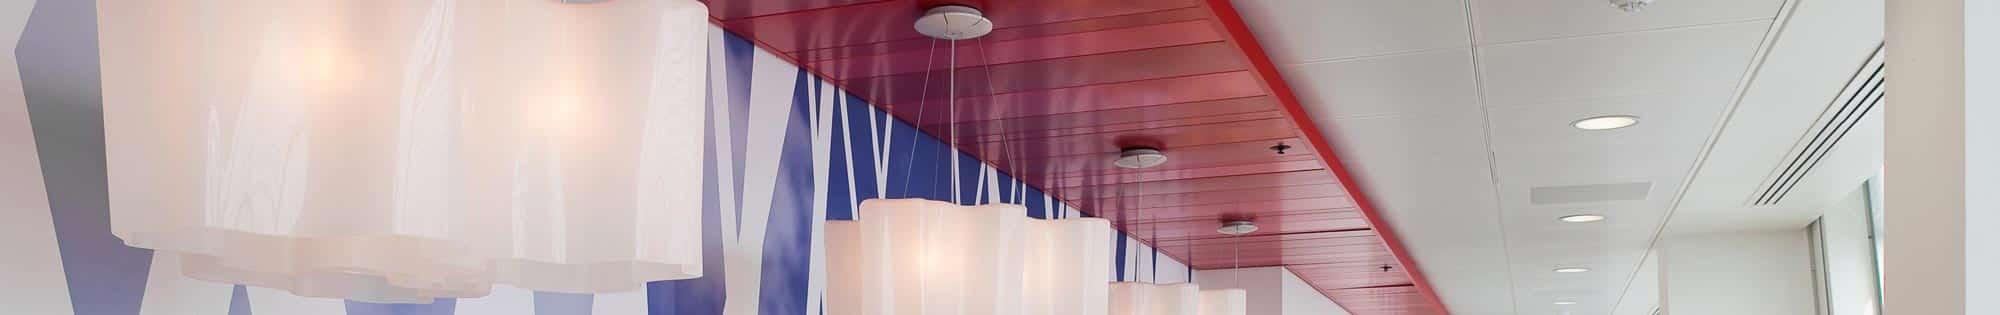 Sas Metal Ceiling Tiles Buy Online Now Ceiling Tiles Uk